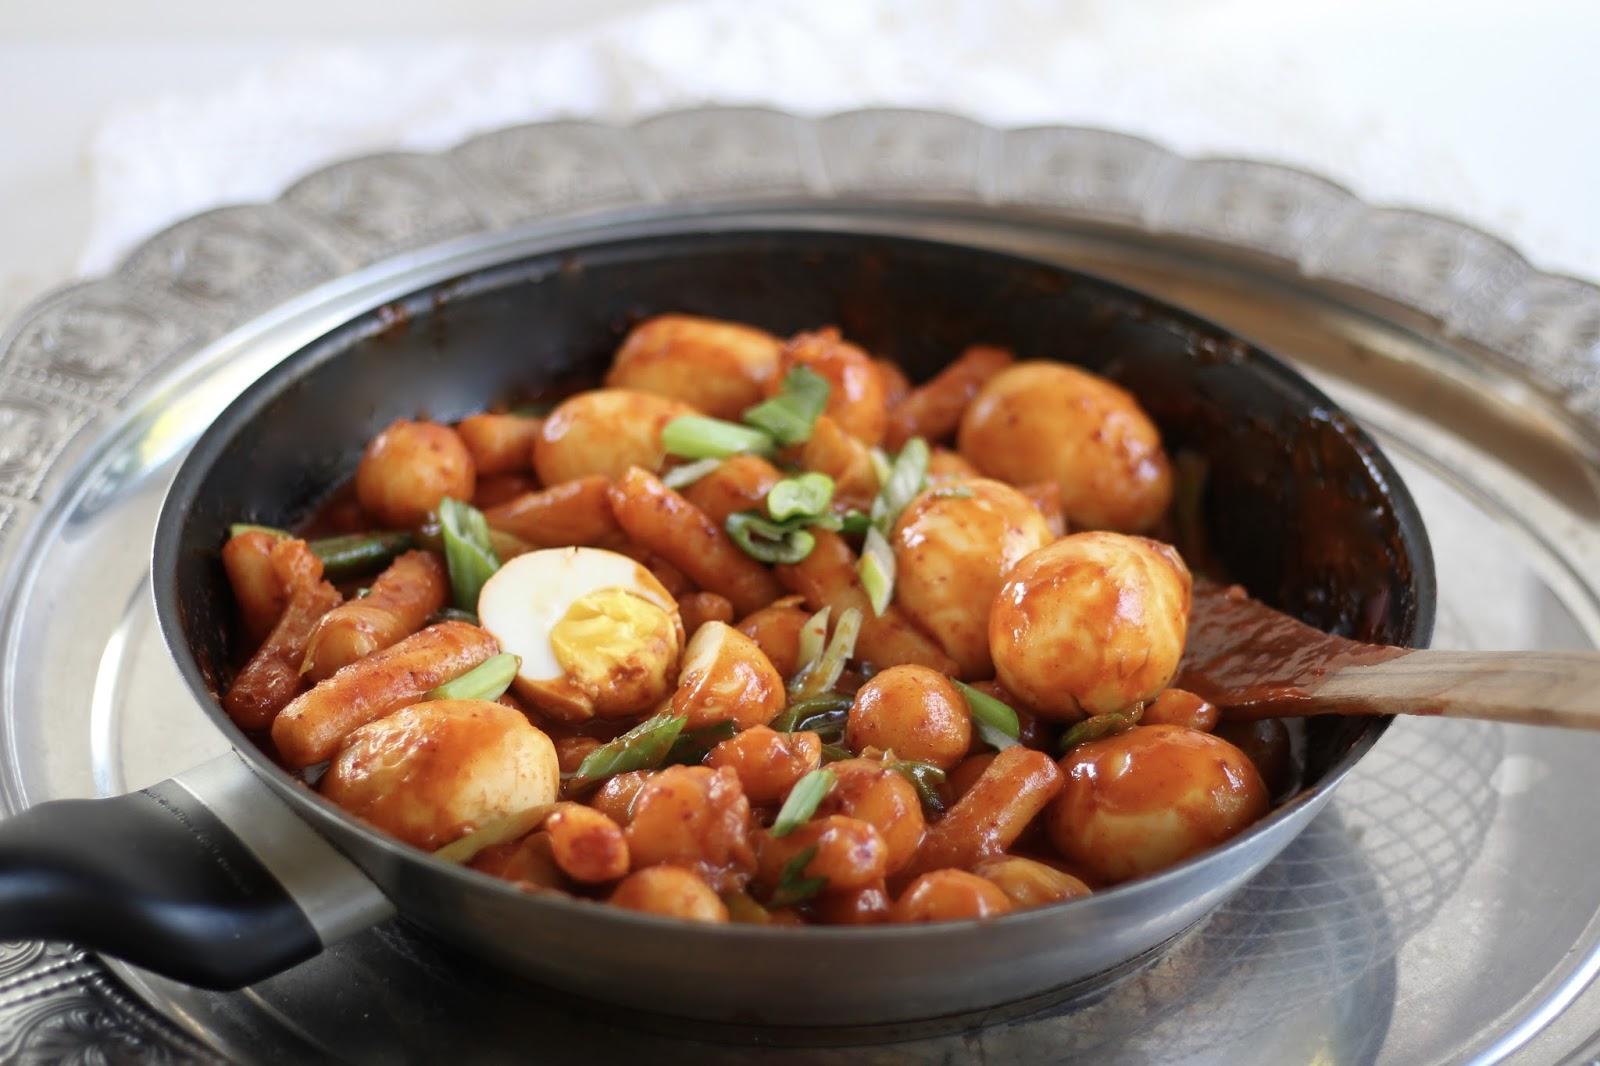 Koreanisch kochen: Tteokbokki - Scharf-würzige Reiskuchen - Hot & Spicy Ricecakes